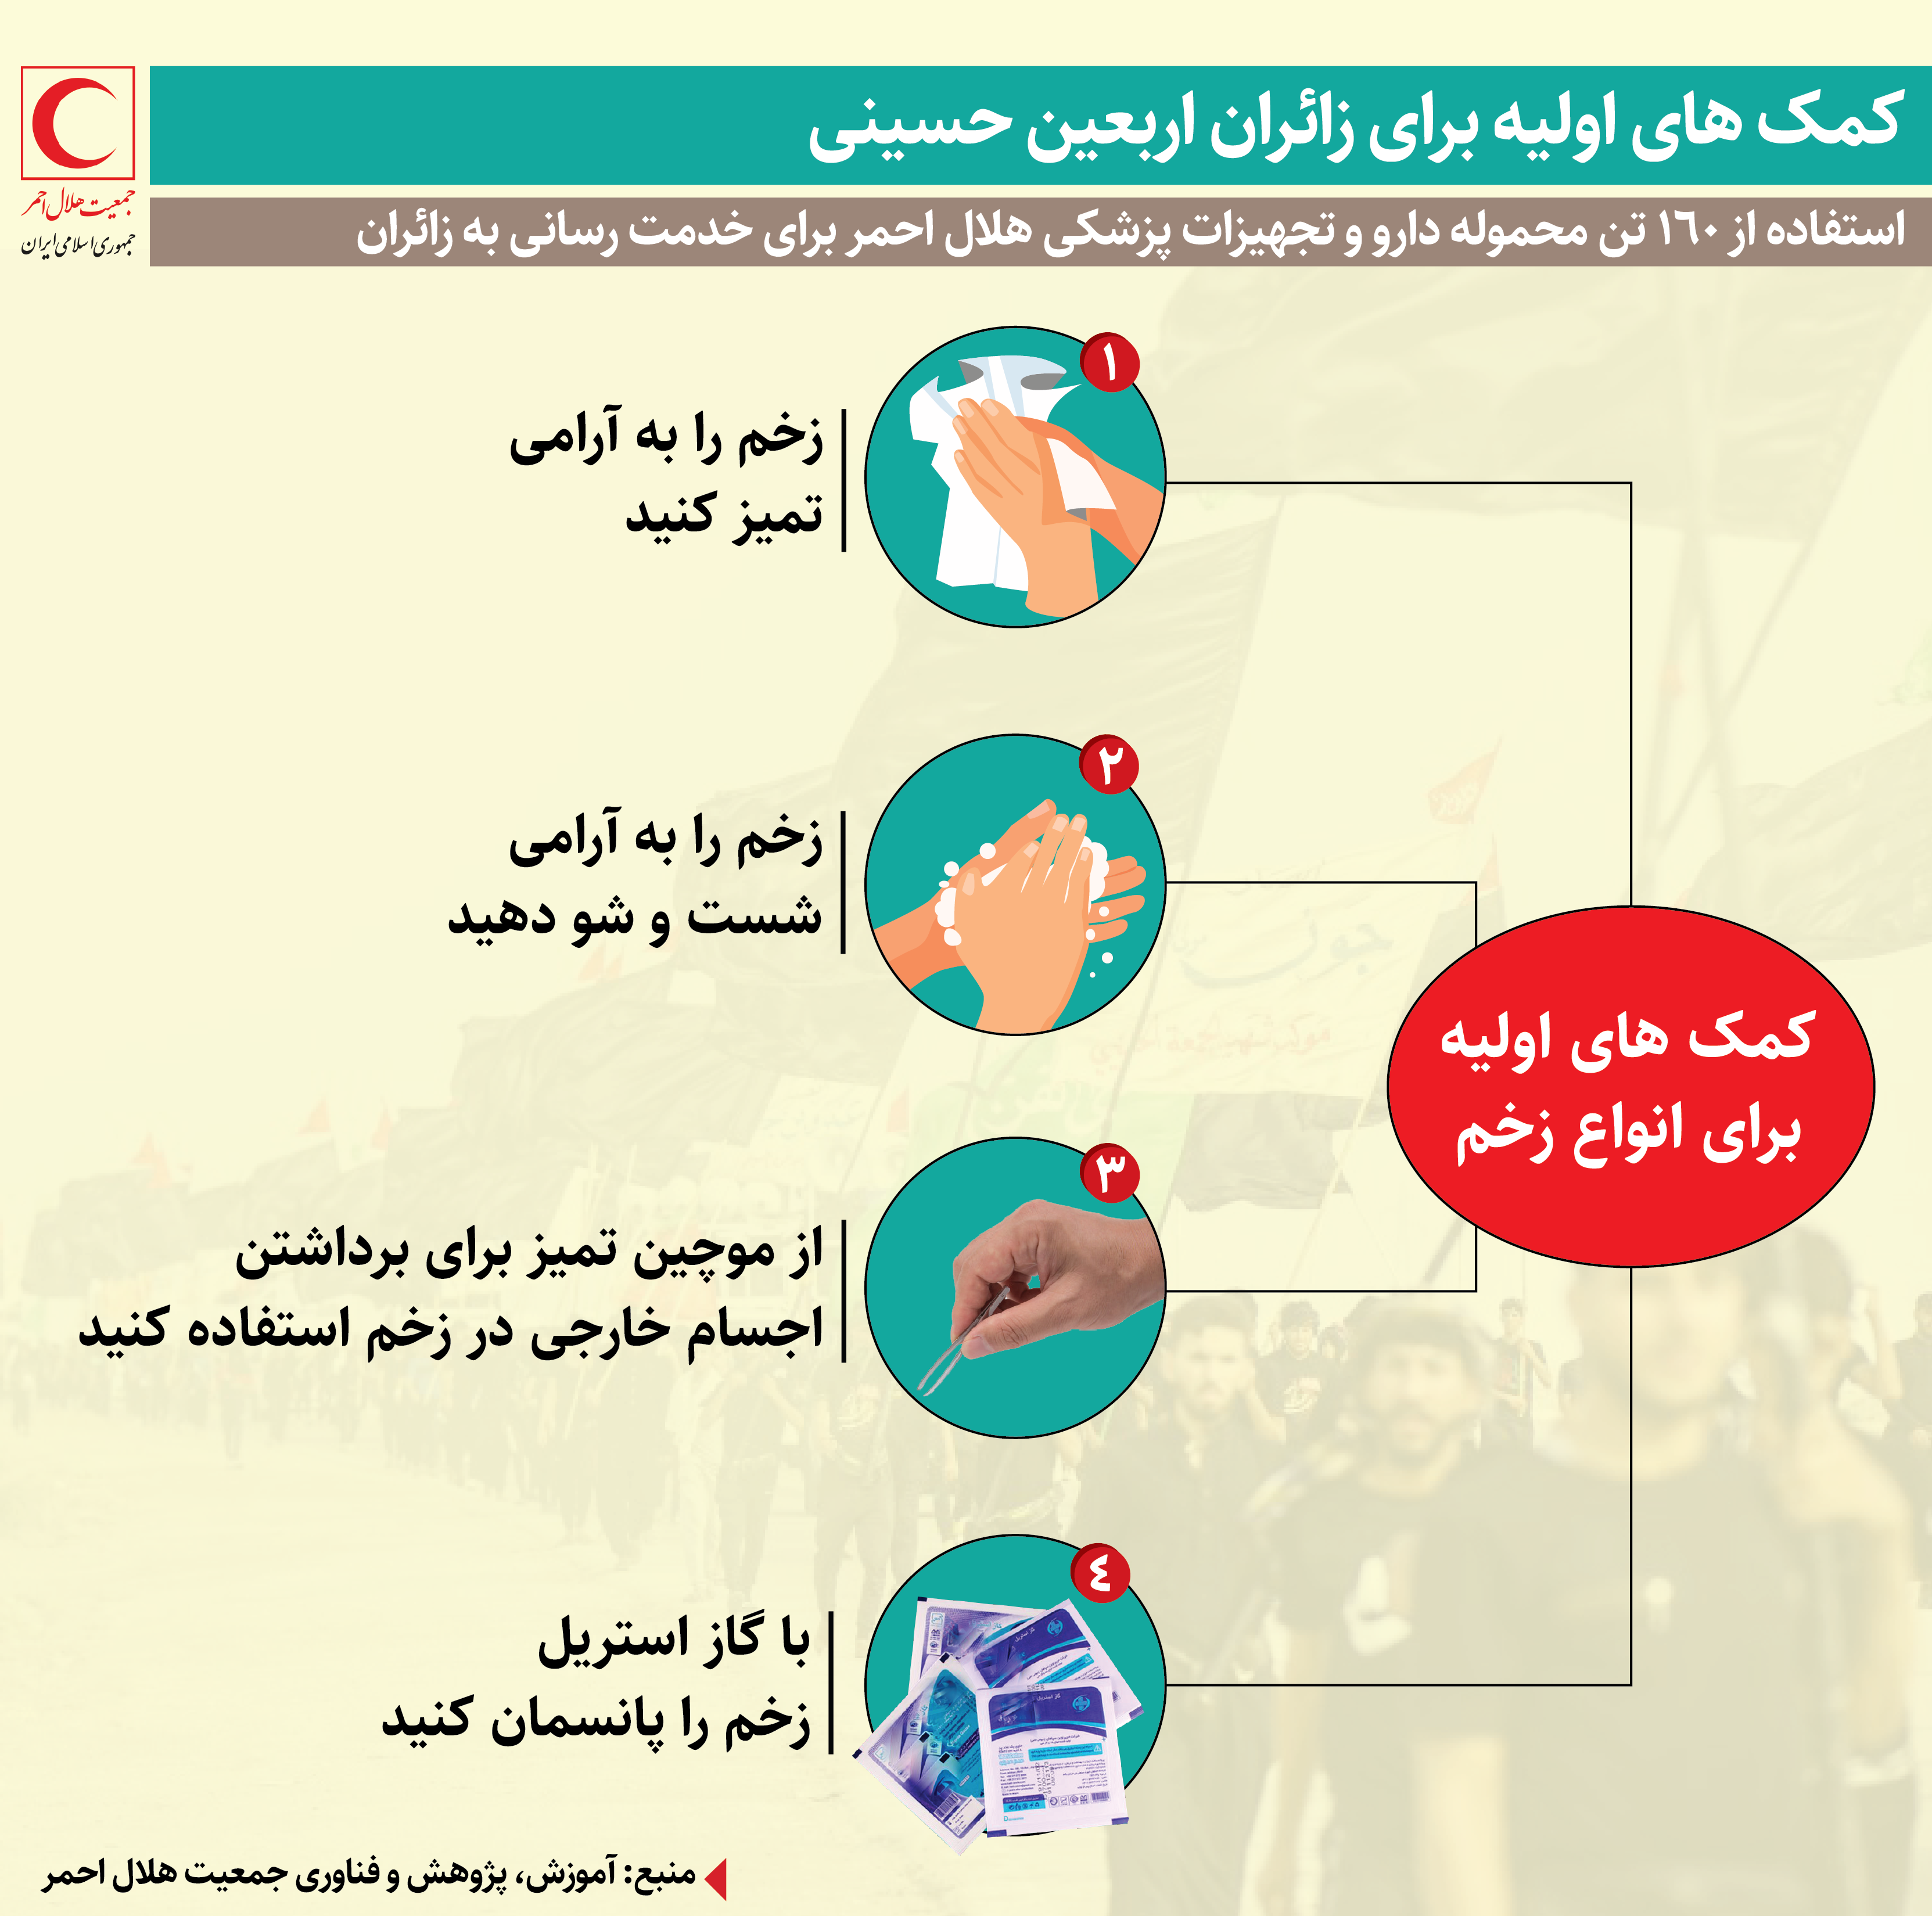 کمکهای اولیه به زوار اربعین برای درمان انواع زخم در پیادهروی اربعین